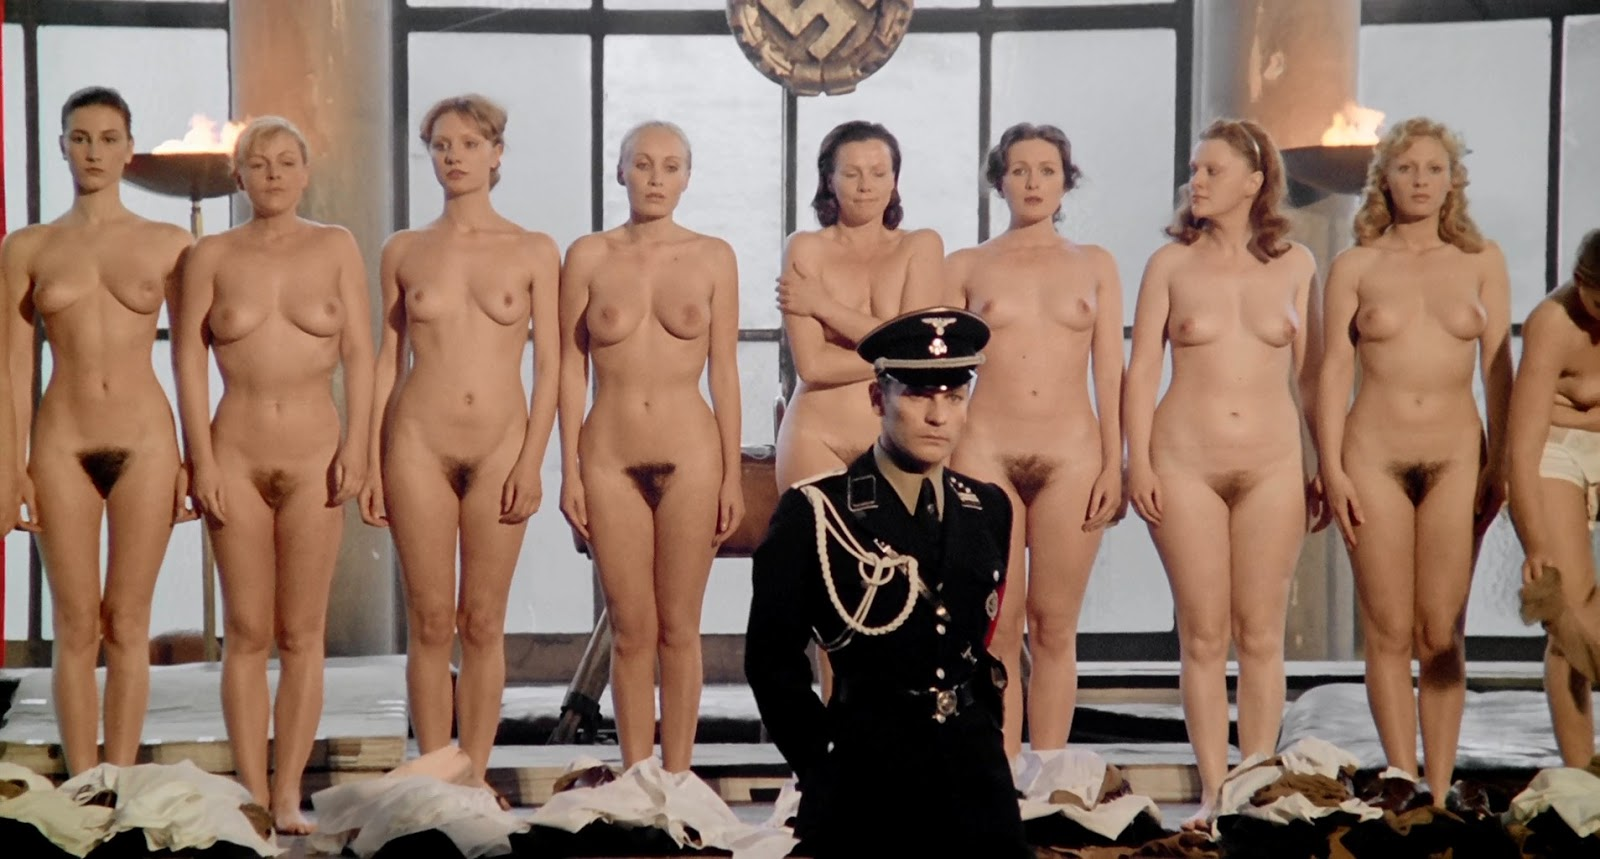 показывает средний фото девушки голые кино для